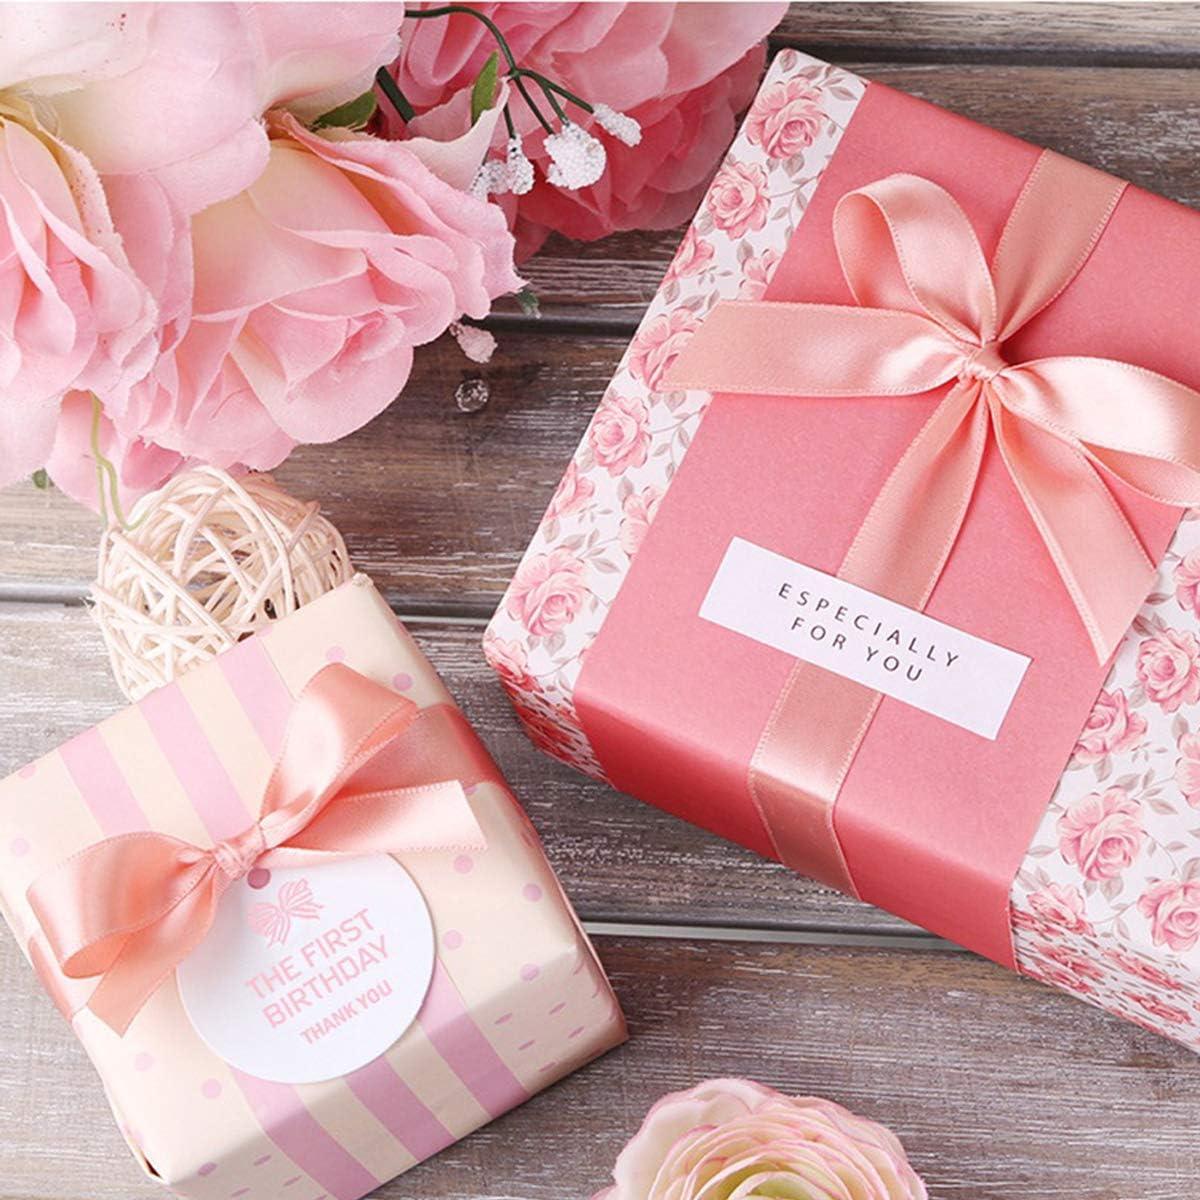 d/écoration Rouleau de ruban de satin rose pour travaux manuels largeur denviron 2,5 cm emballage cadeau n/œuds